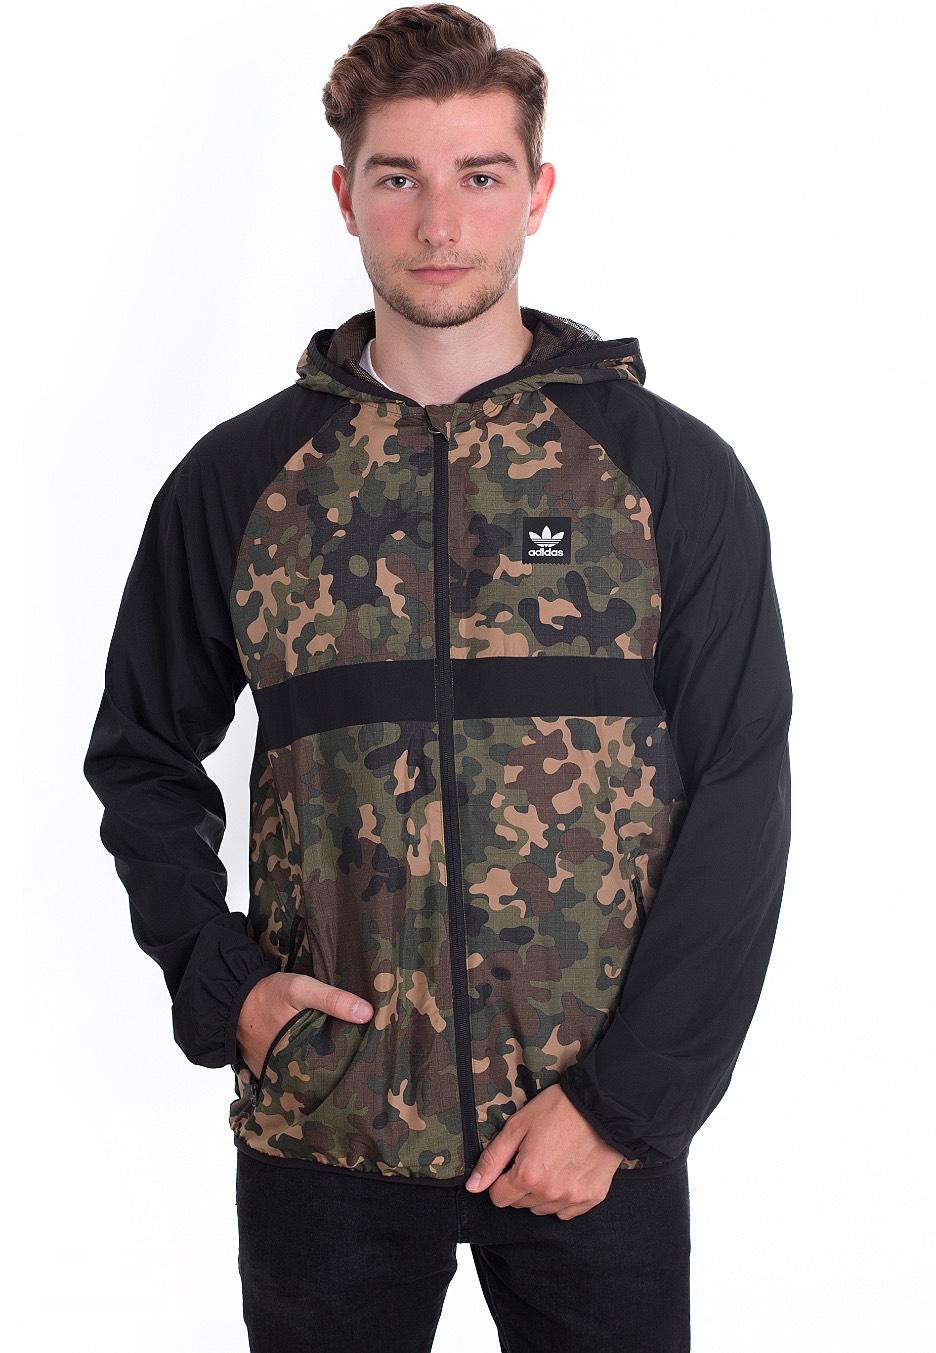 Adidas - Windbreaker AOP Camo Print Black - Windbreaker - Streetwear ... 9220468afe